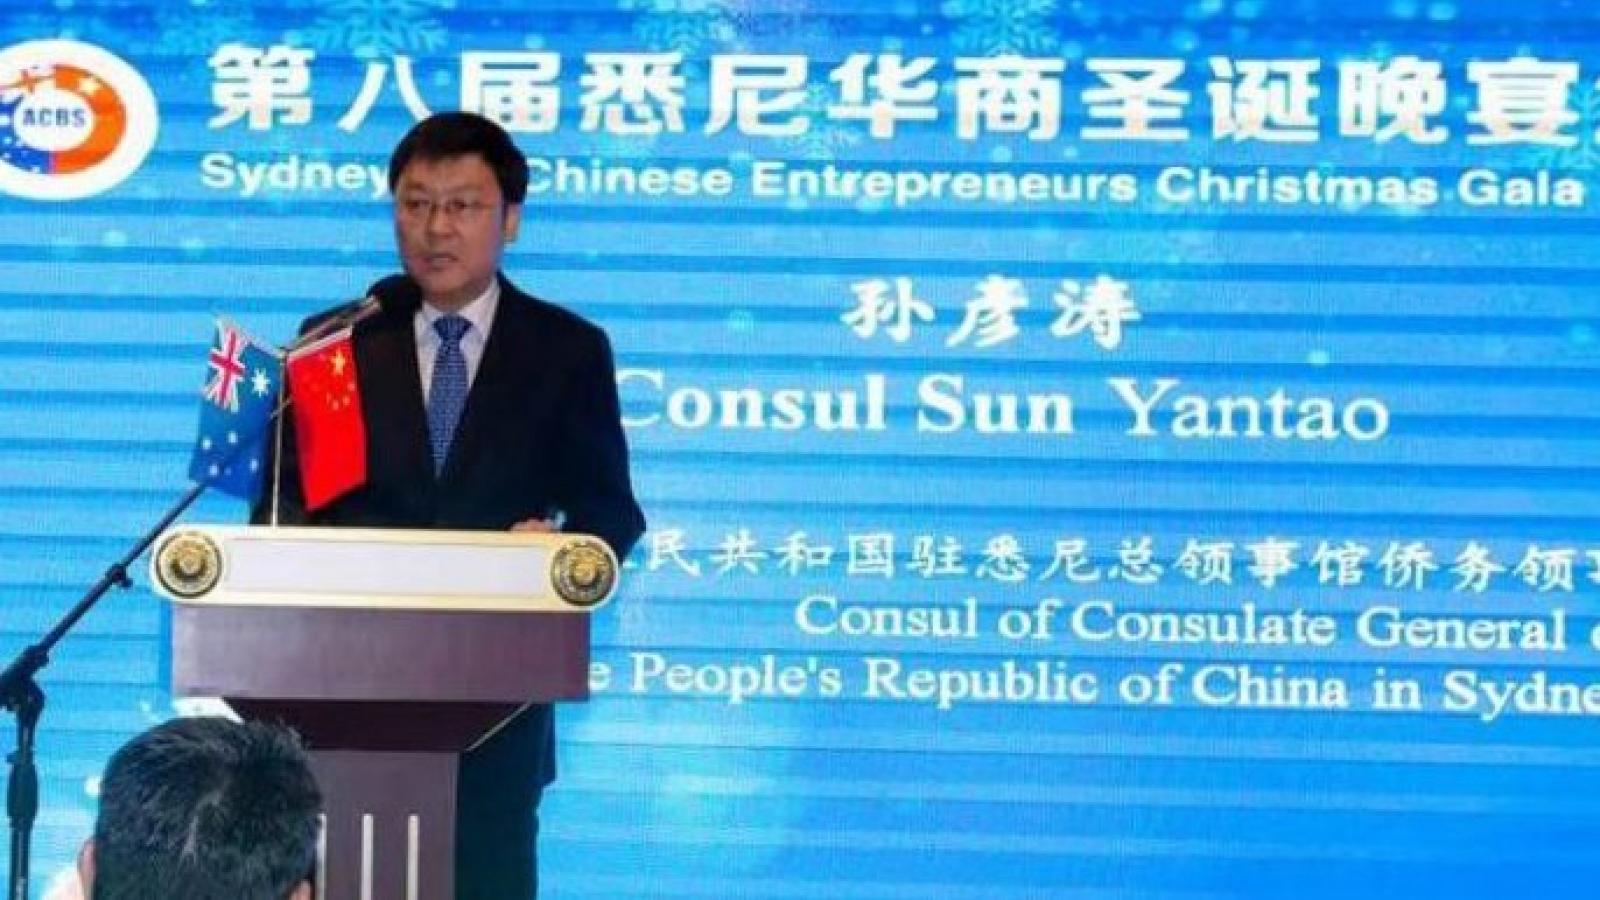 Australia điều tra Tổng lãnh sự Trung Quốc vì nghi ngờ can thiệp chính trị